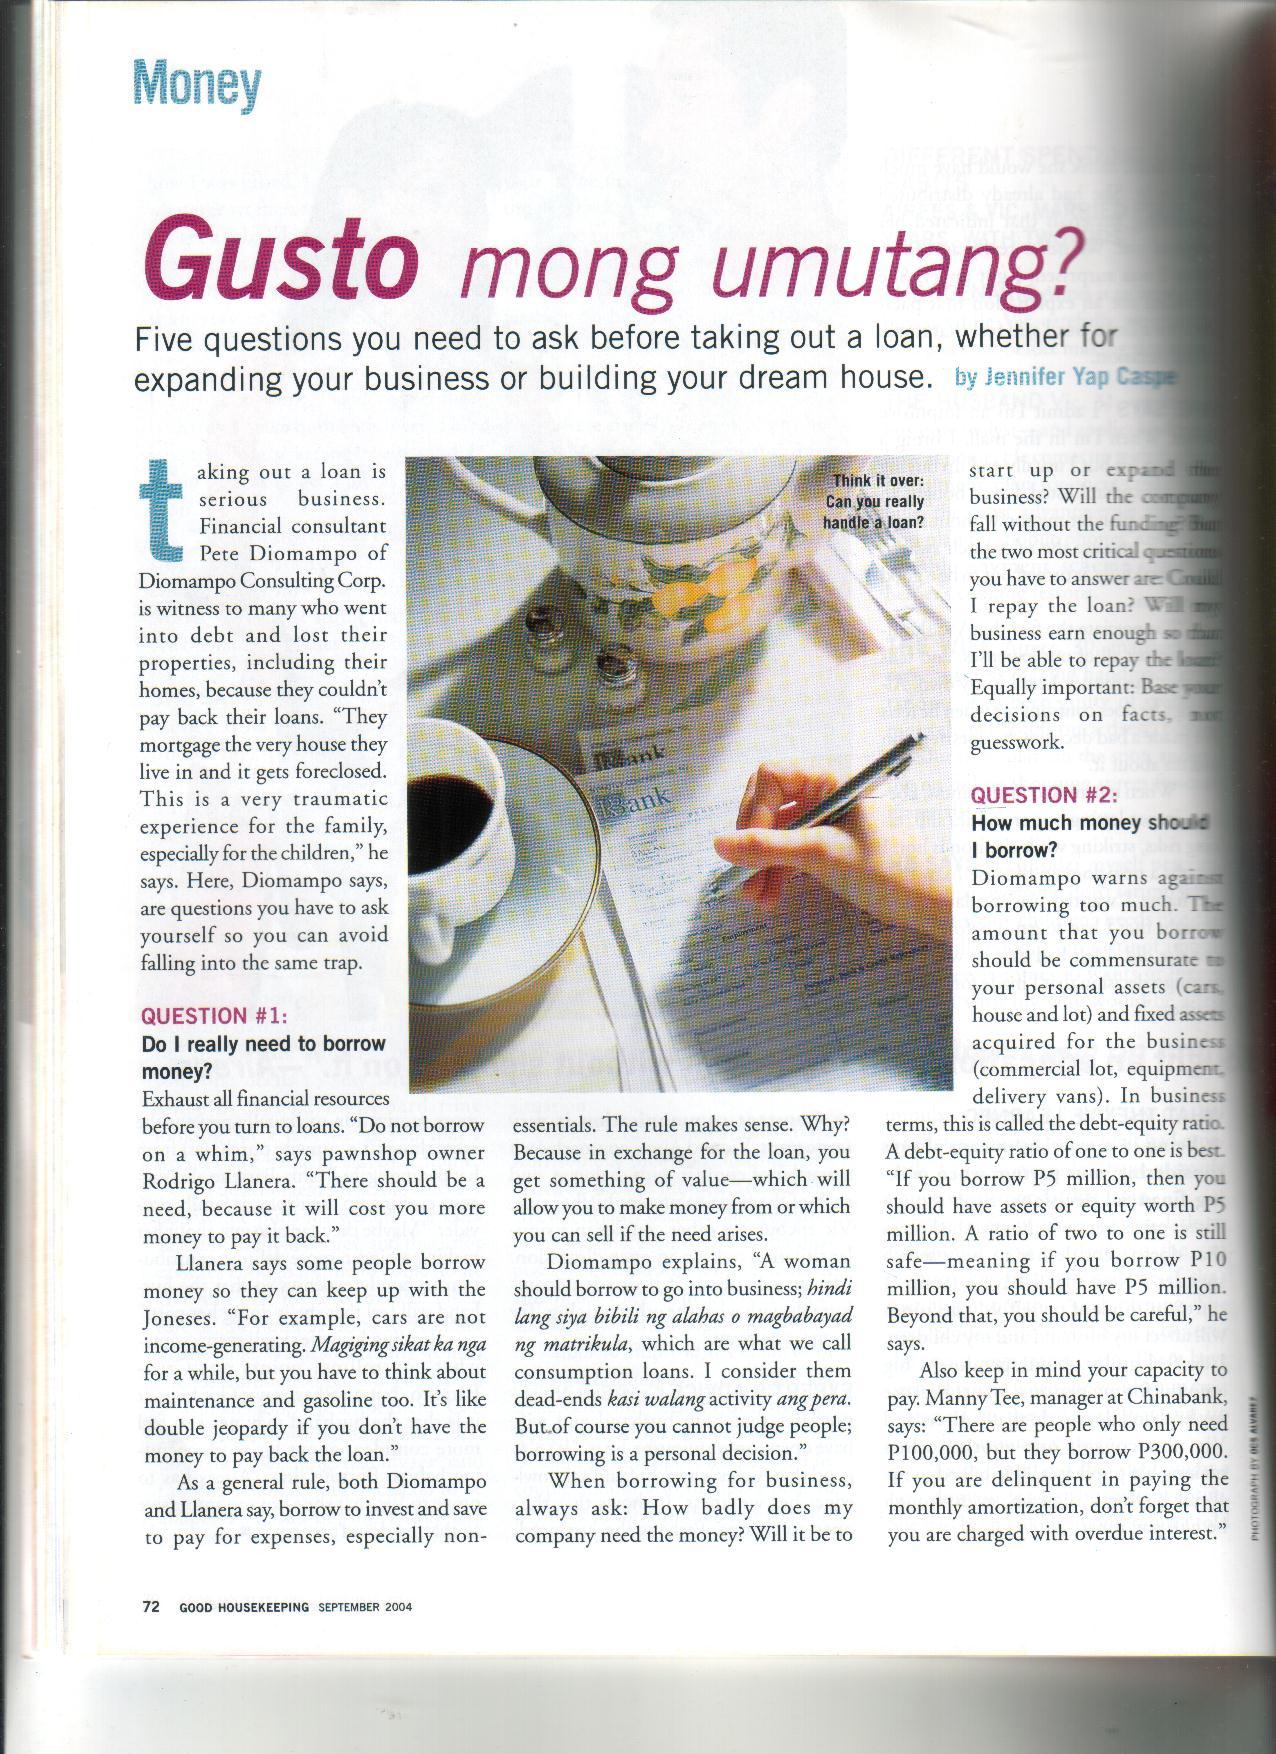 9-04 Gusto Mong Umutang